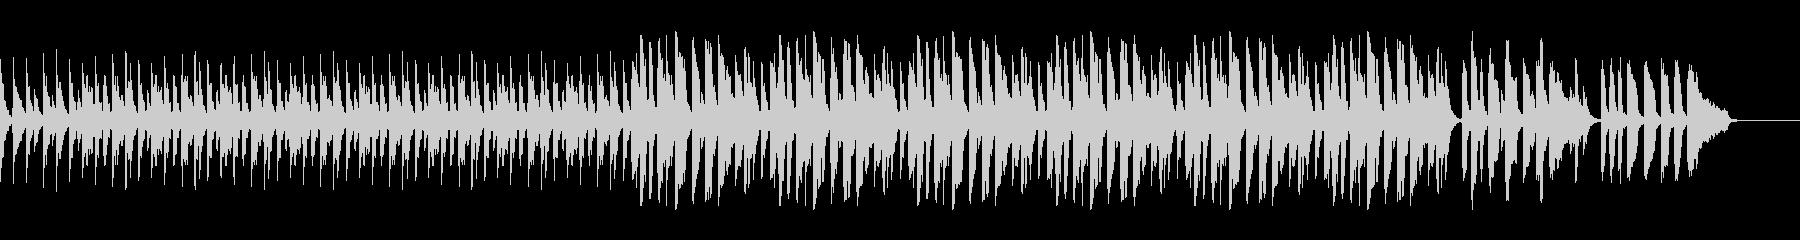 スローテンポピアノソロの未再生の波形